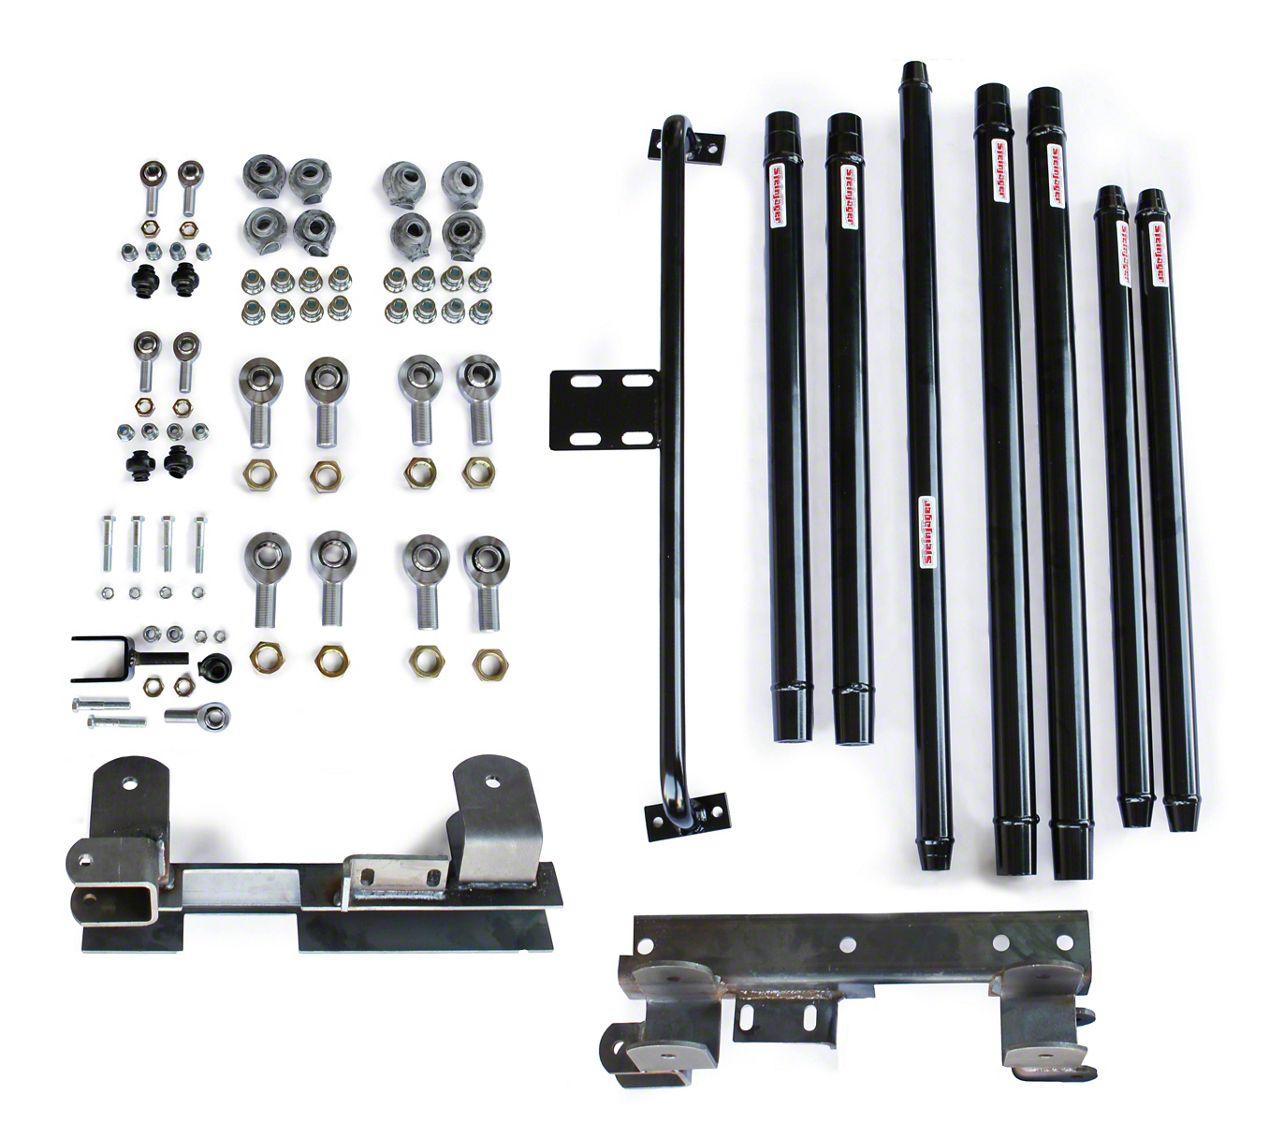 Steinjager DOM Tube Long Arm Travel kit for 2-6 in. Lift - Black (97-06 Jeep Wrangler TJ)